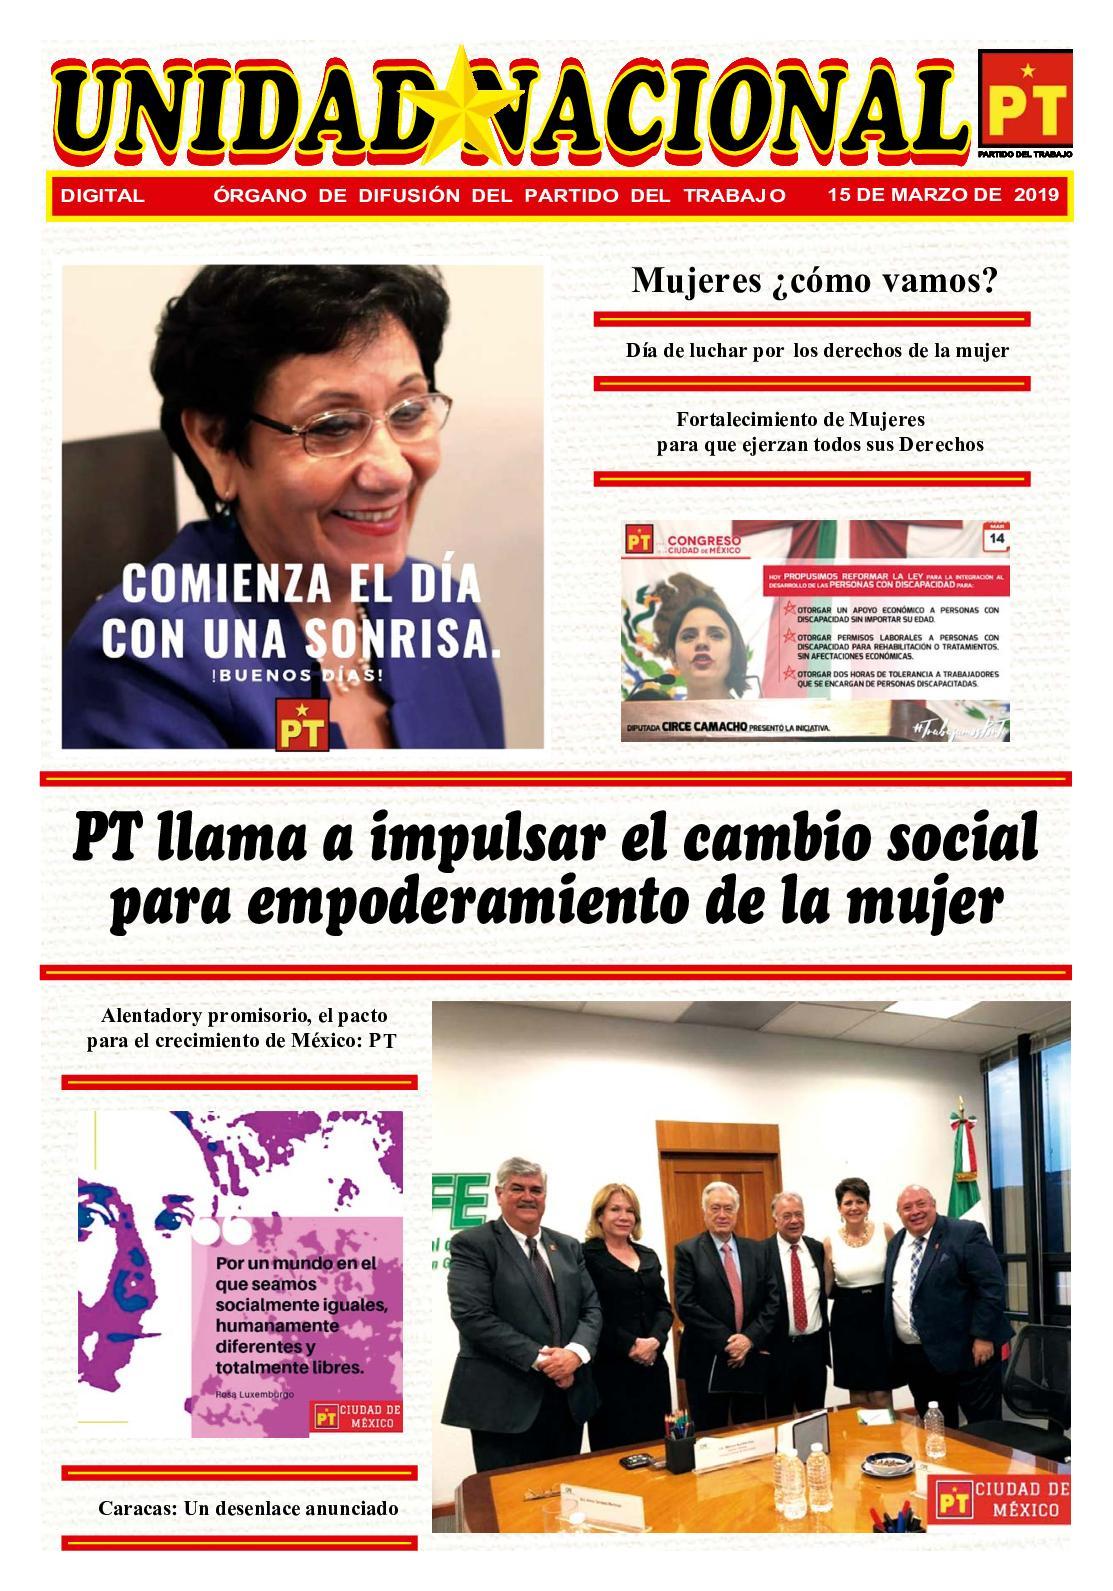 Unidad Nacional 15 De Marzo De 2019